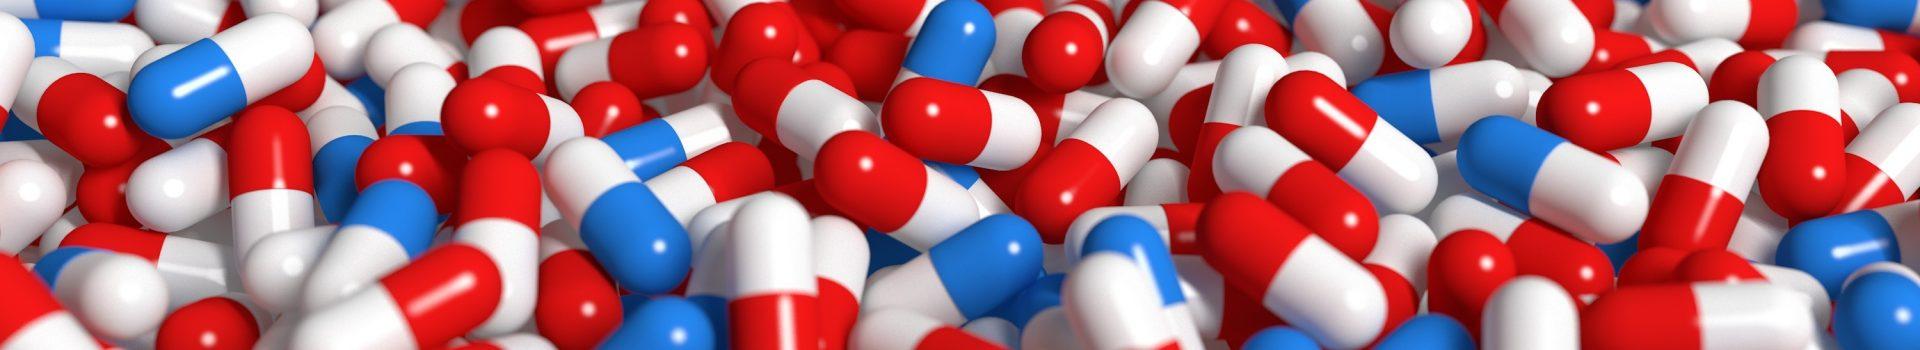 Verpleeghuizen verbeteren medicatieveiligheid